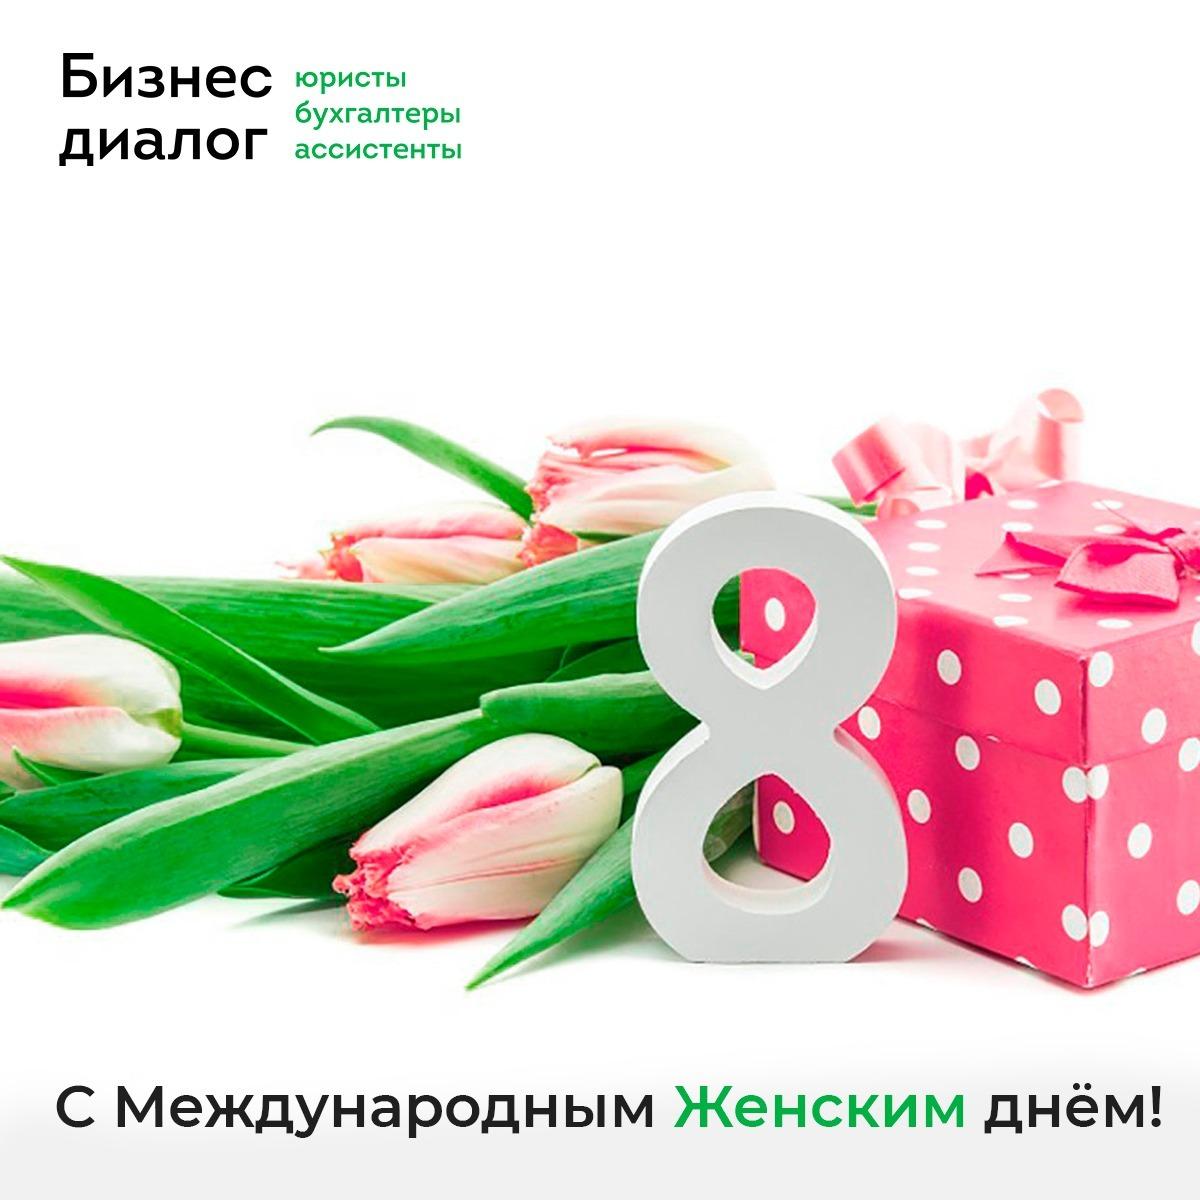 8 марта. С международным женским днём!